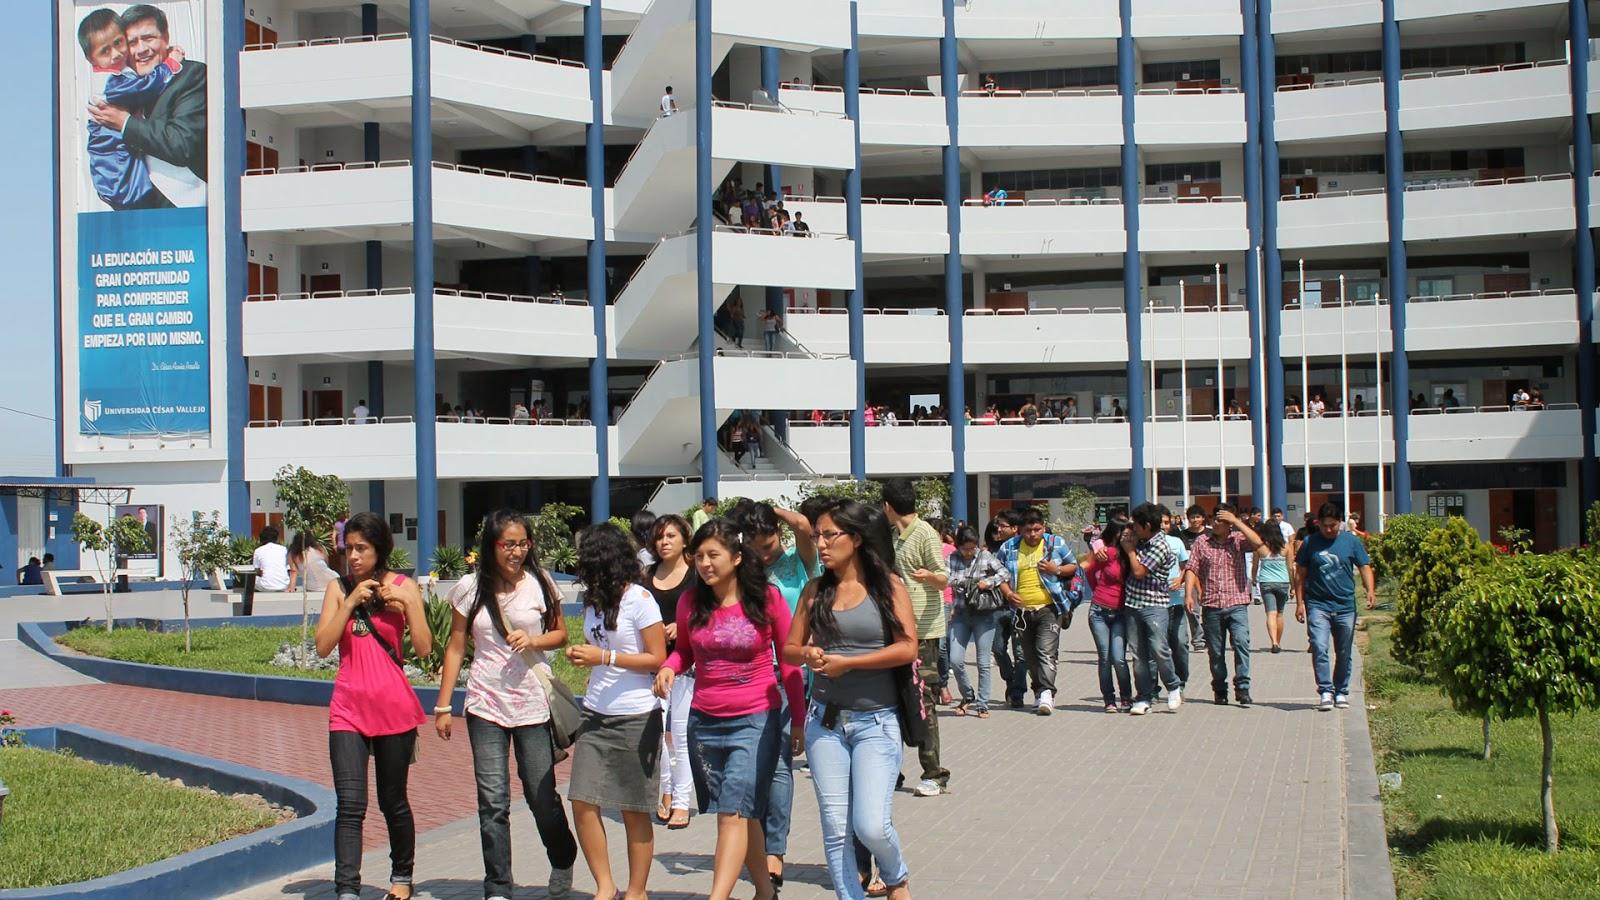 Cesar Vallejo universidad zona norte